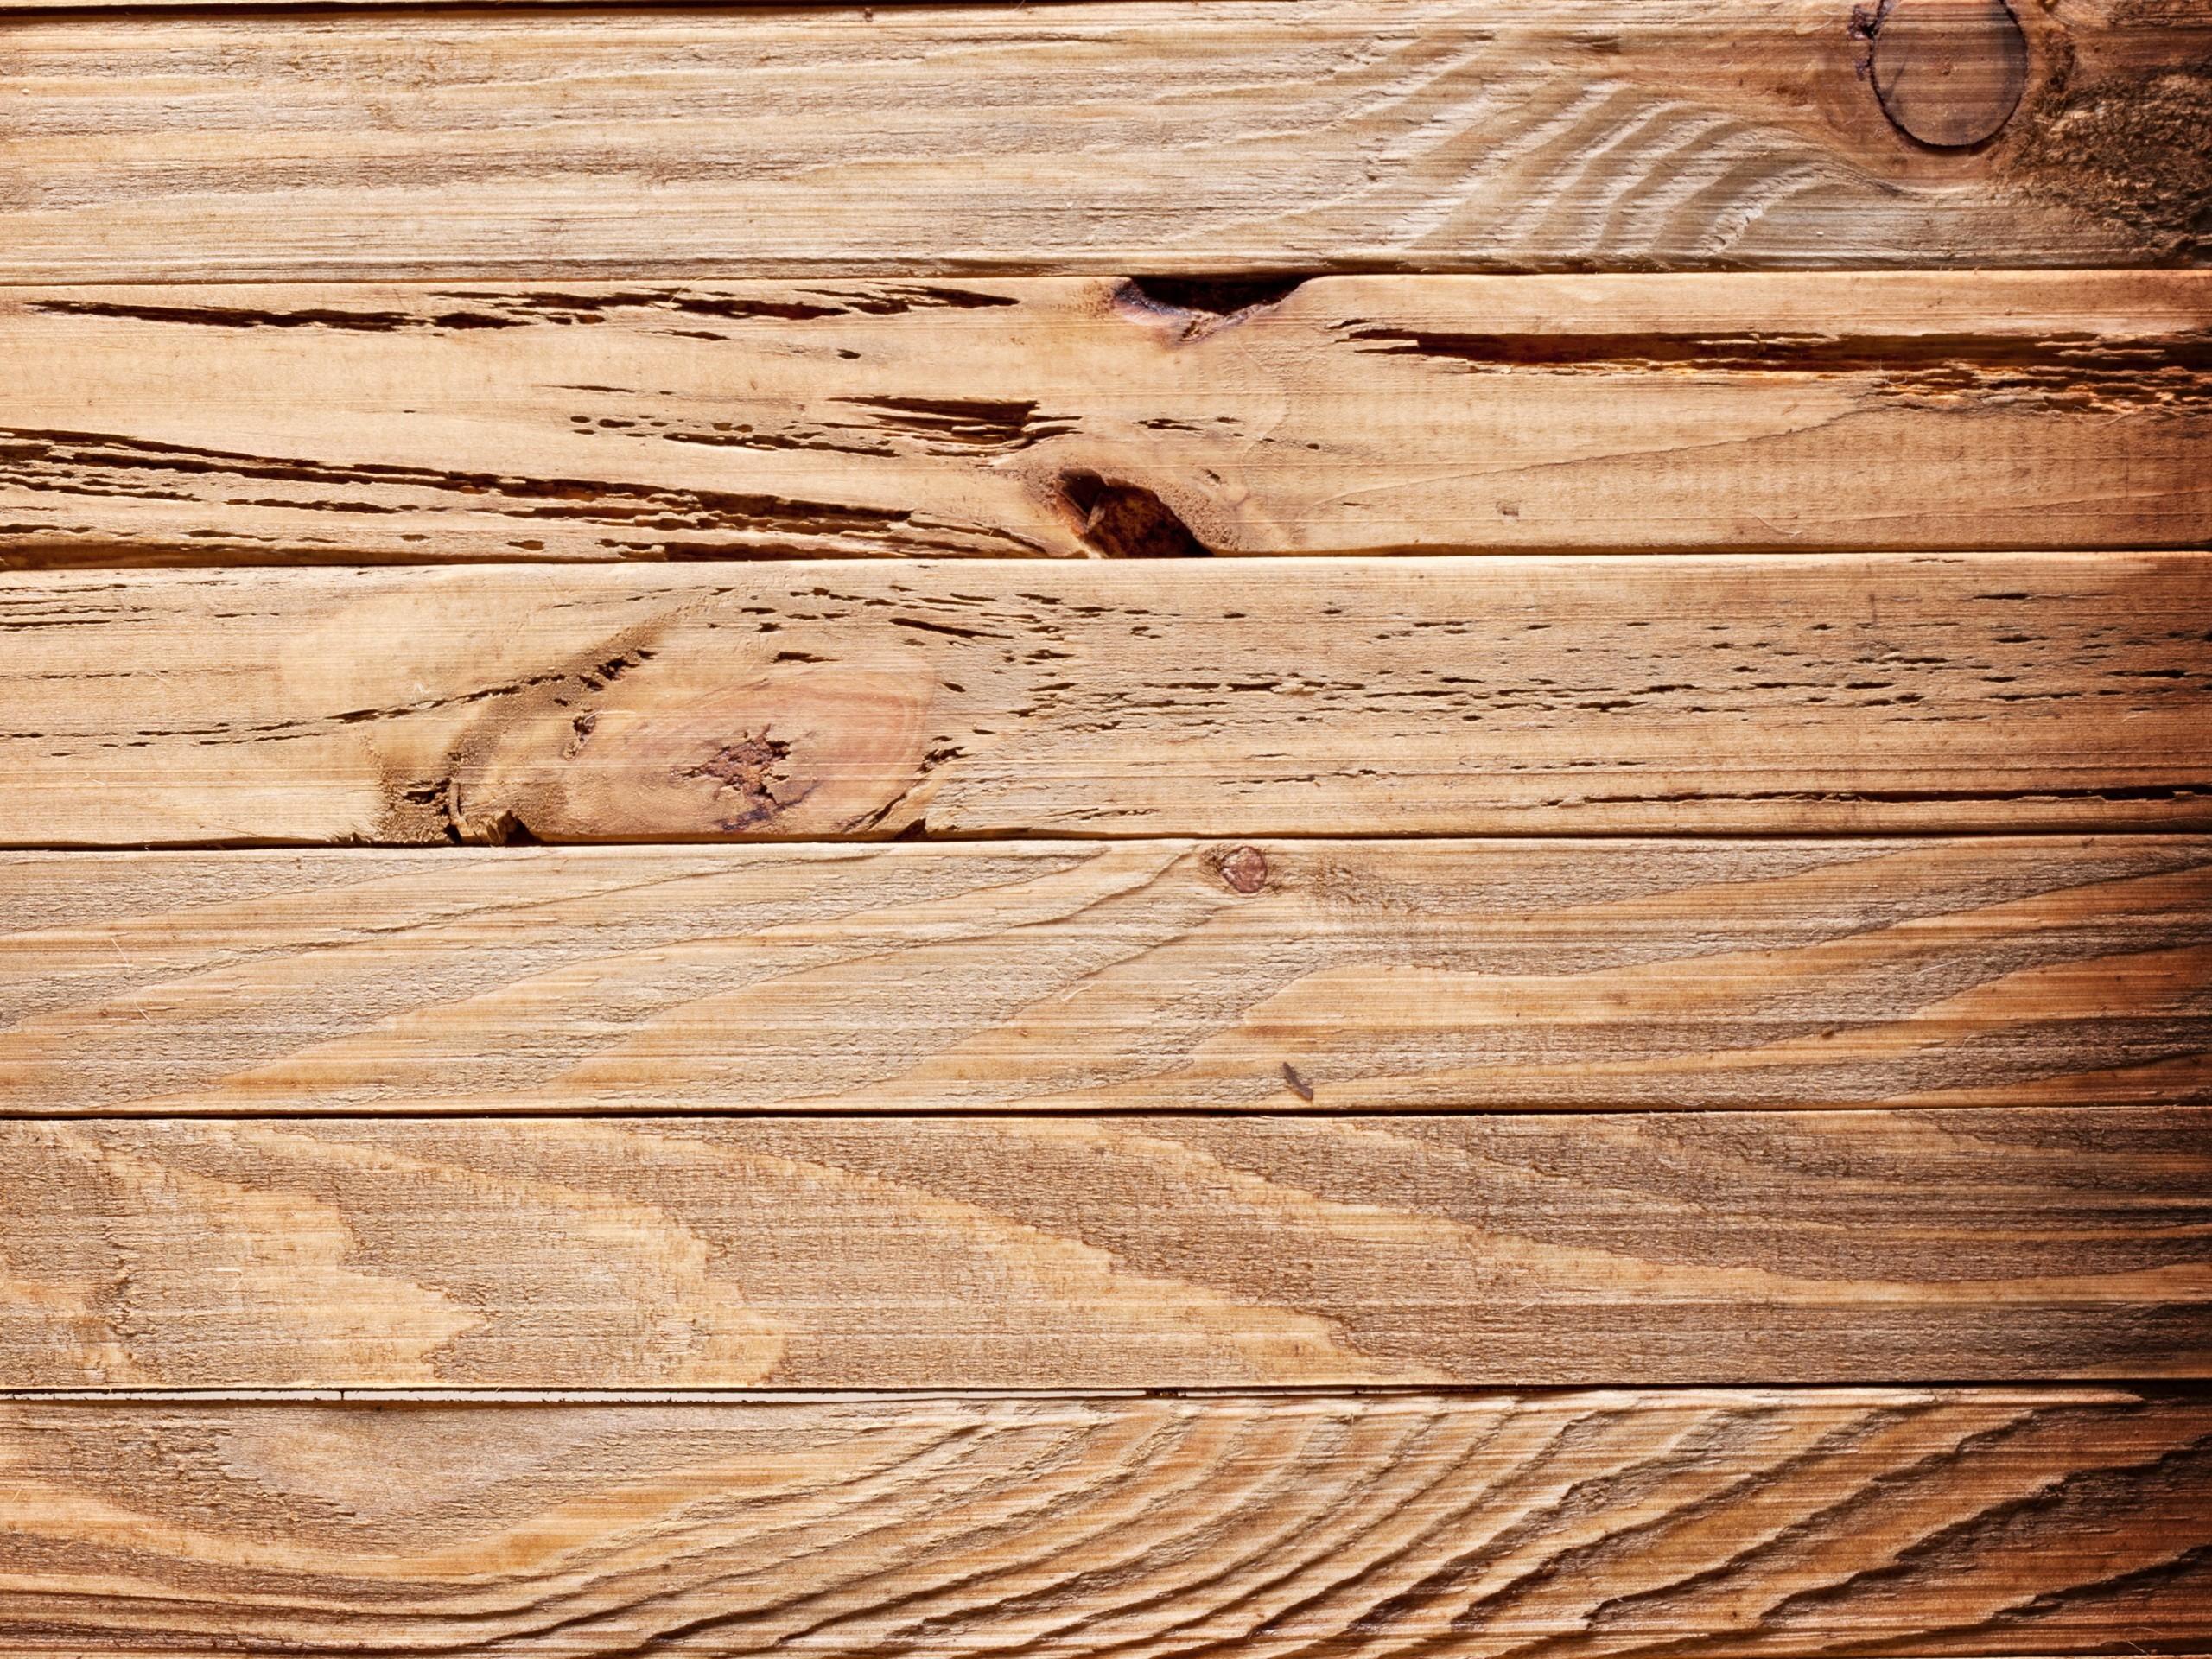 Res: 2560x1920, Floor wood textures wooden floor wallpaper |  | 20806 | WallpaperUP